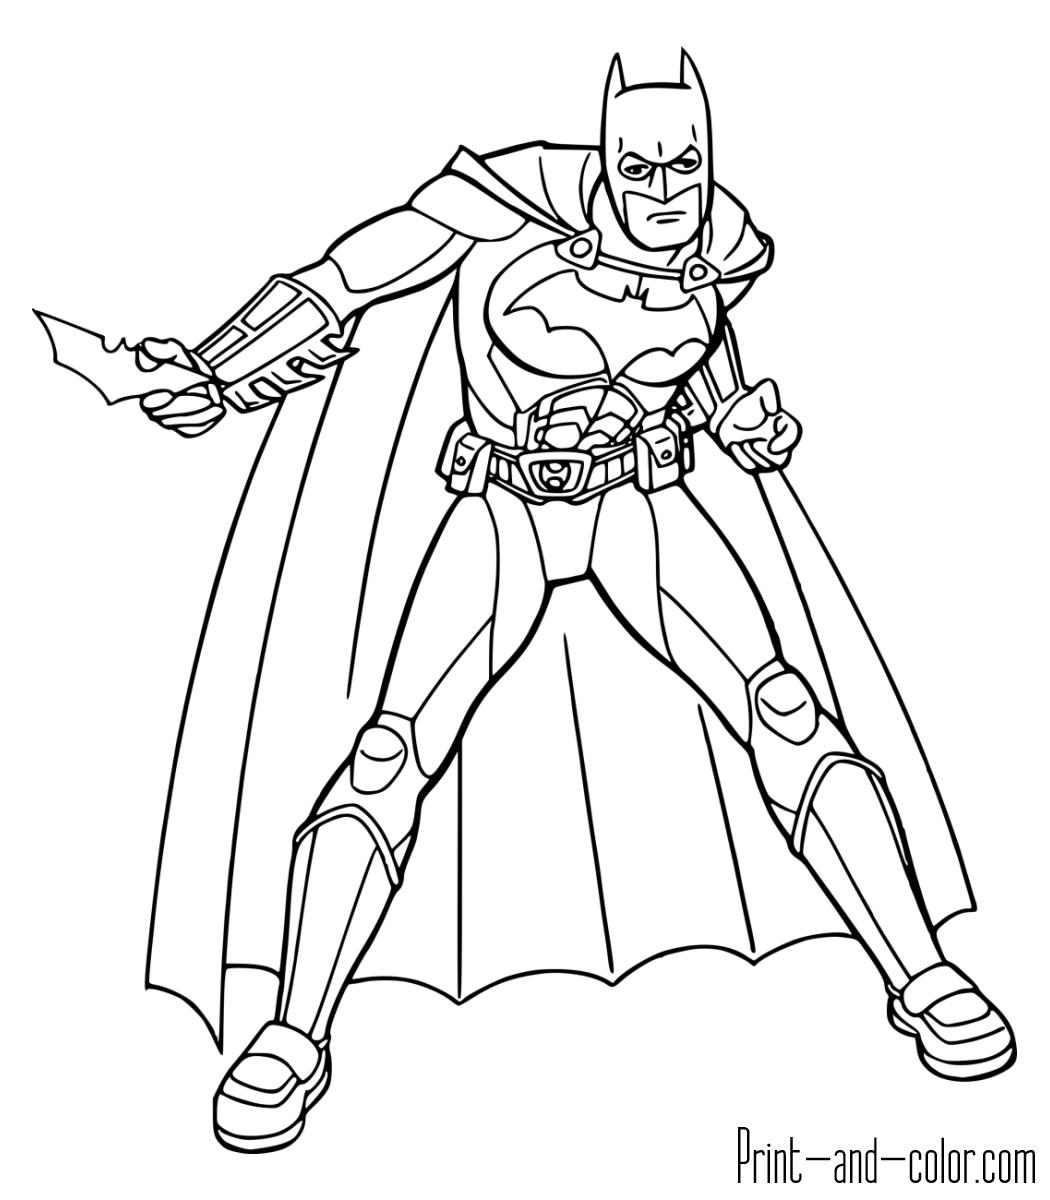 coloring pages for batman batman coloring pages 2 coloring pages to print coloring batman pages for